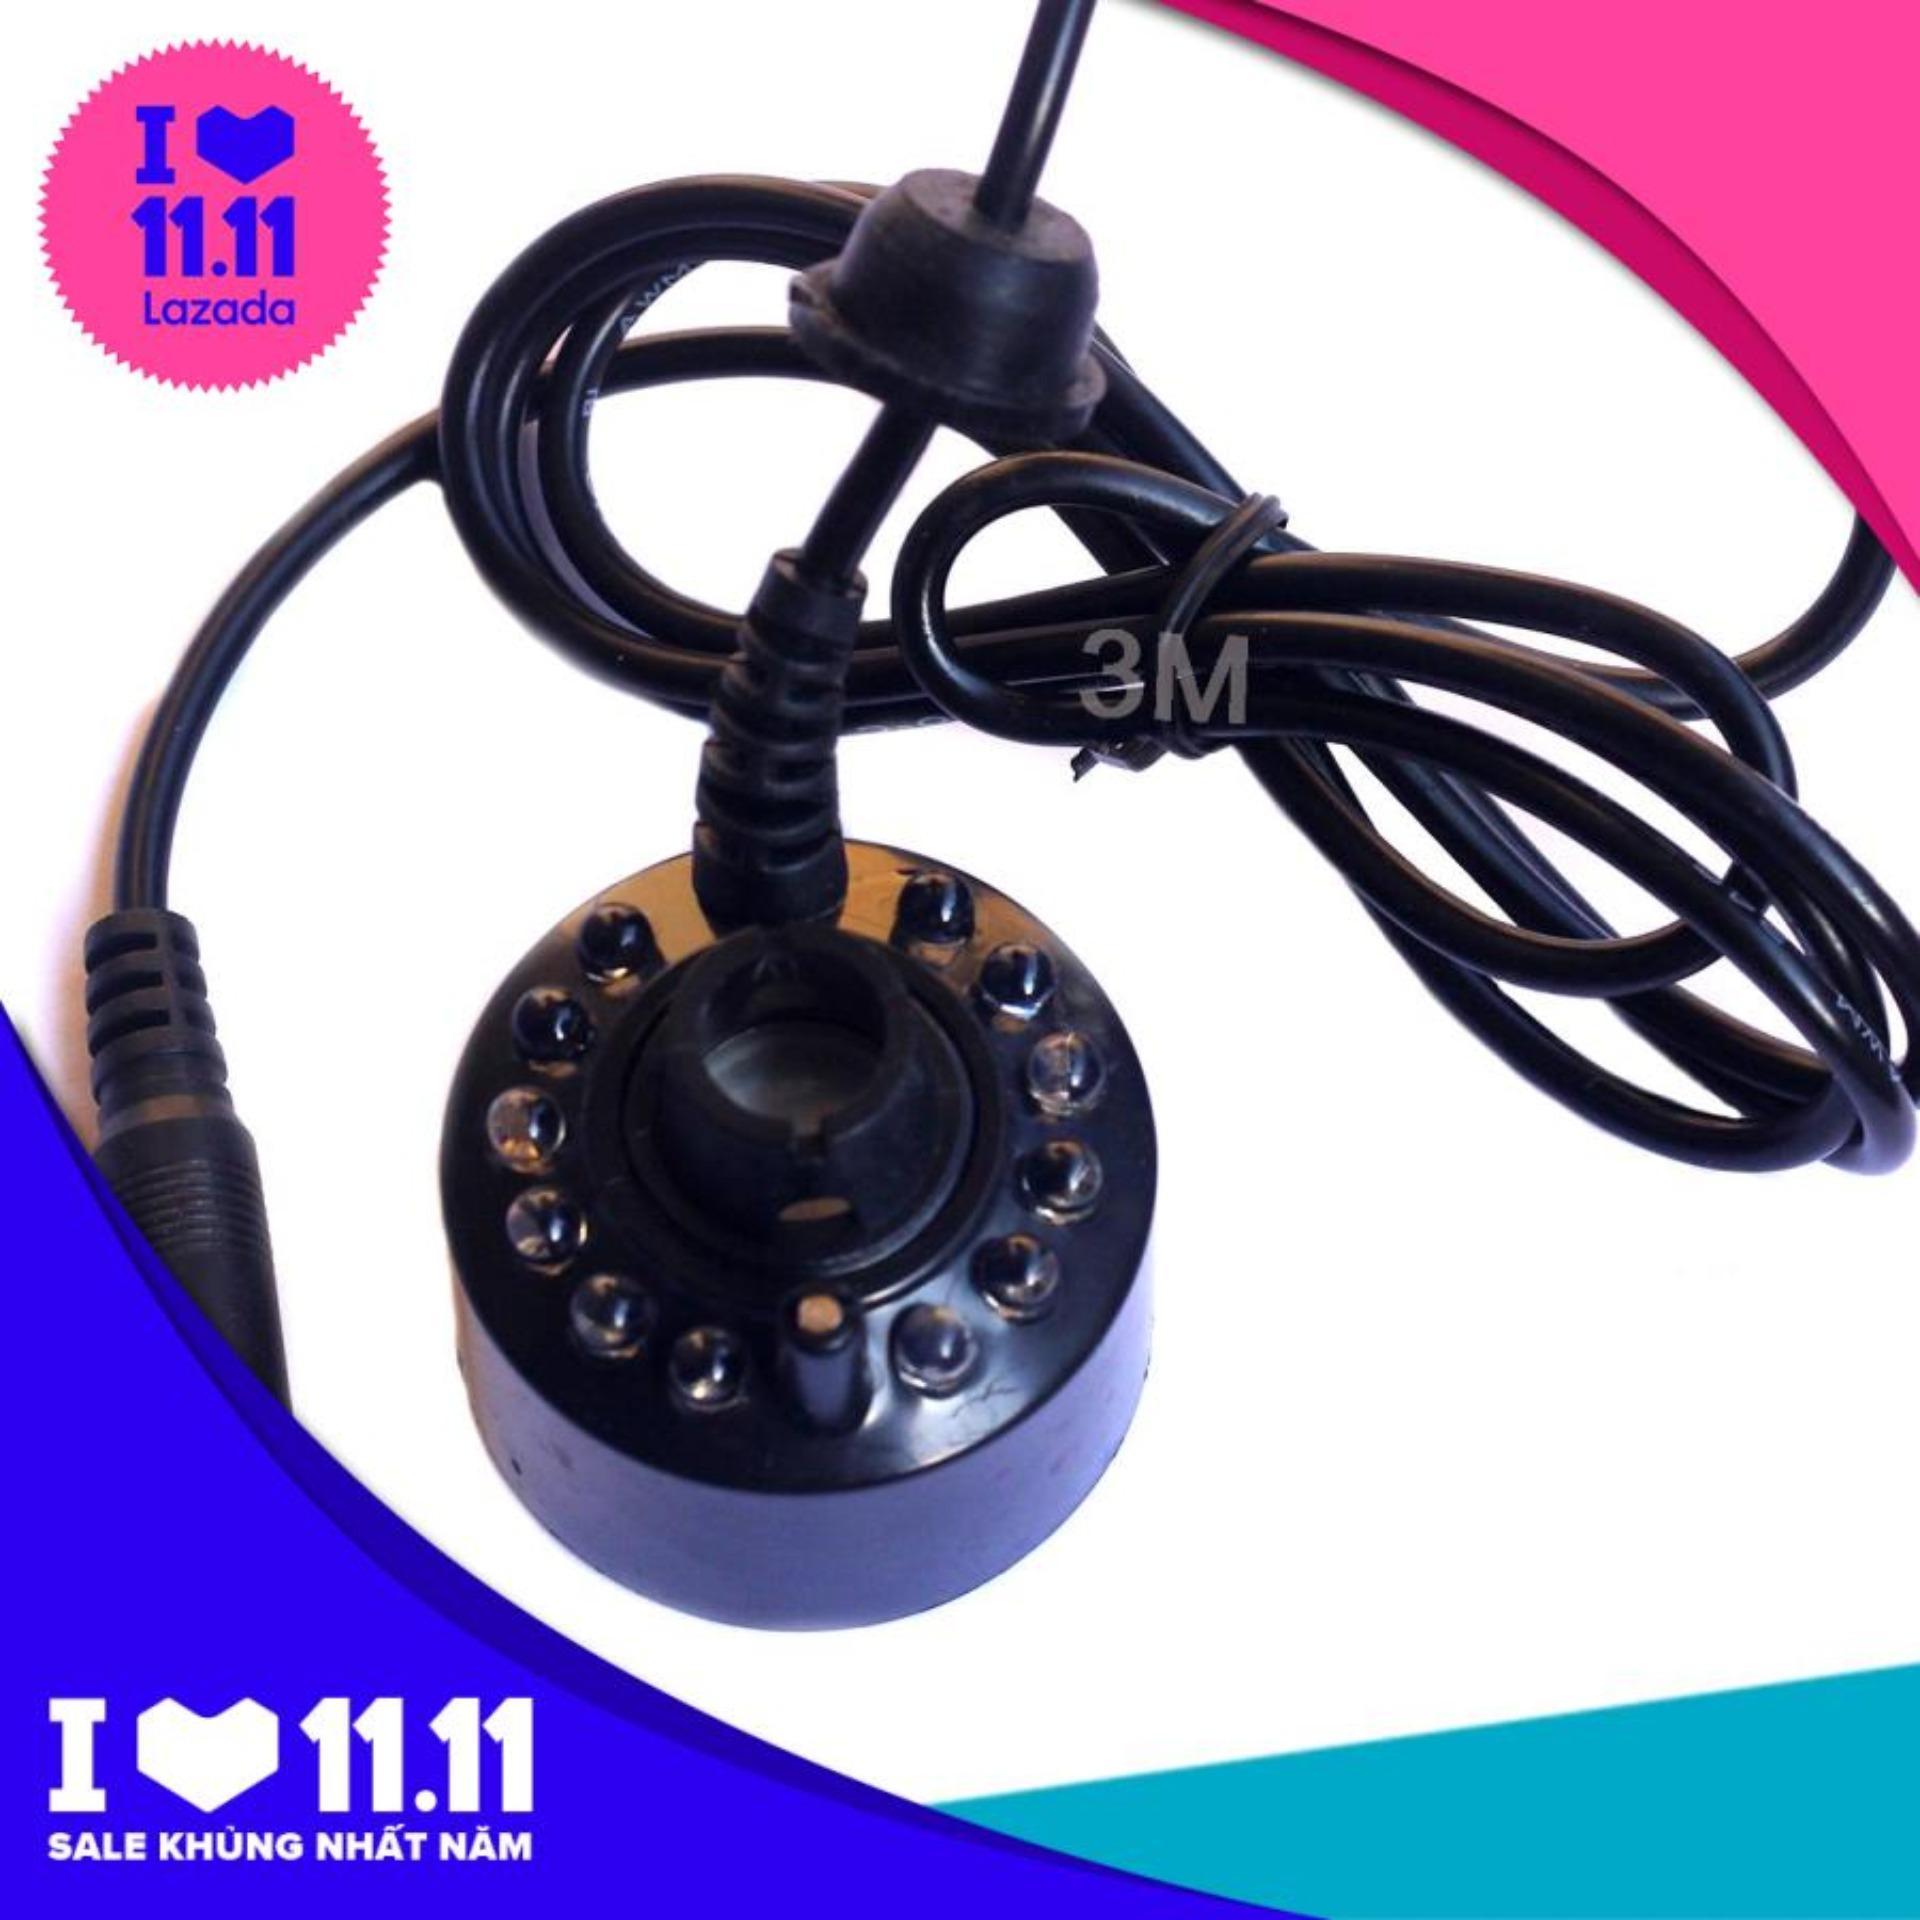 Bảng giá Động Cơ Phun Sương DJ20-12 500ml/h V3 ( SP chưa bao gồm adapter 24vV-2A )